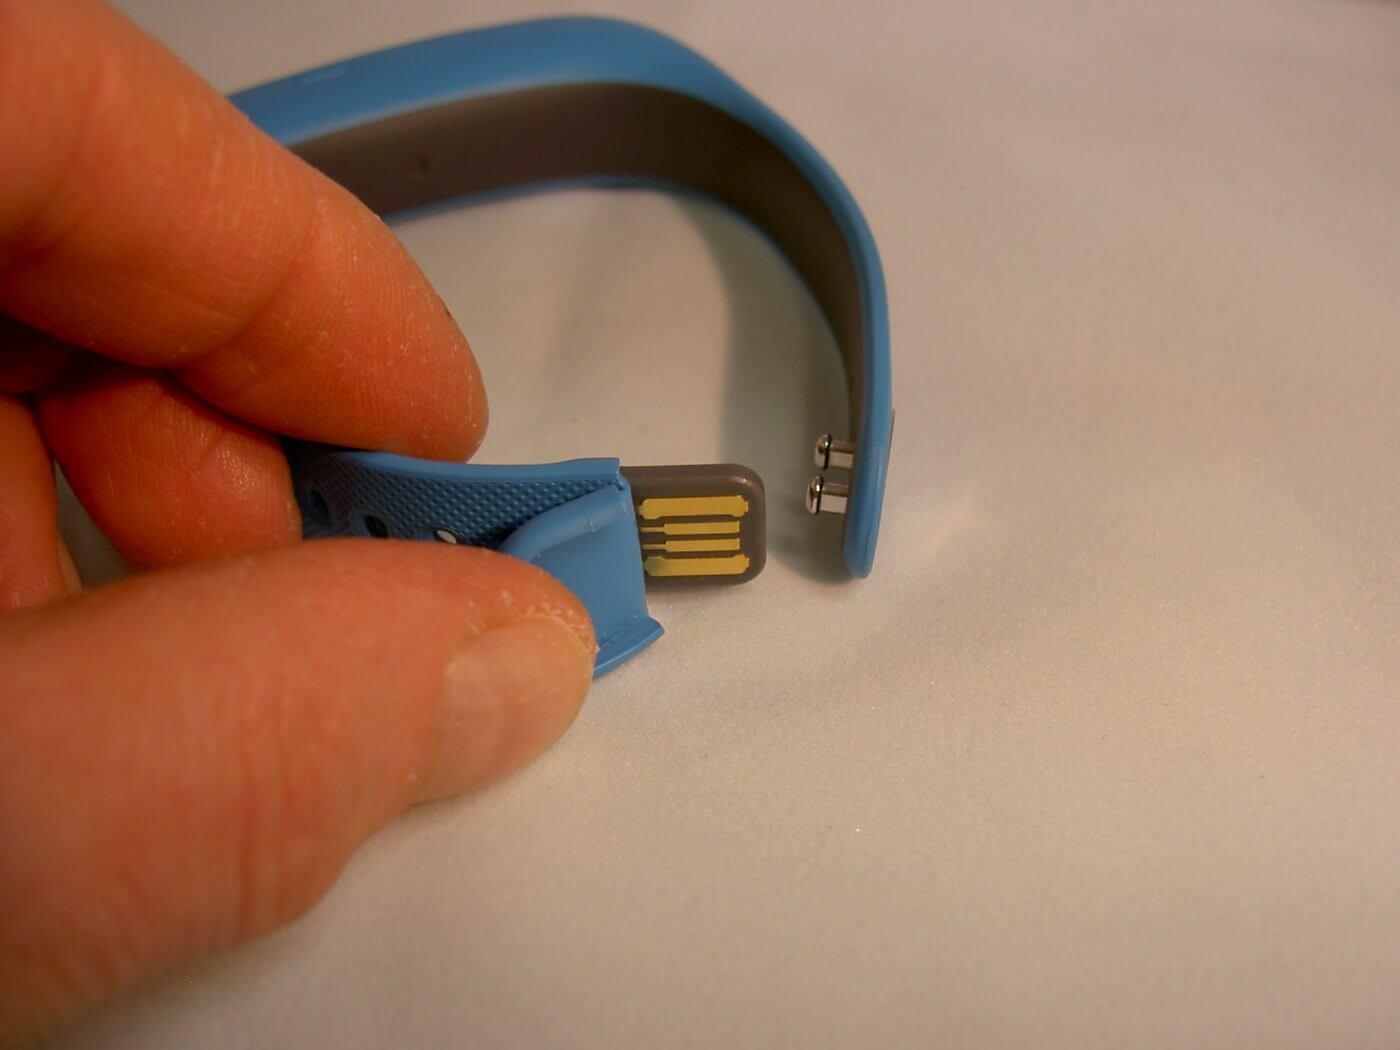 Huawei Talkband B1 USB